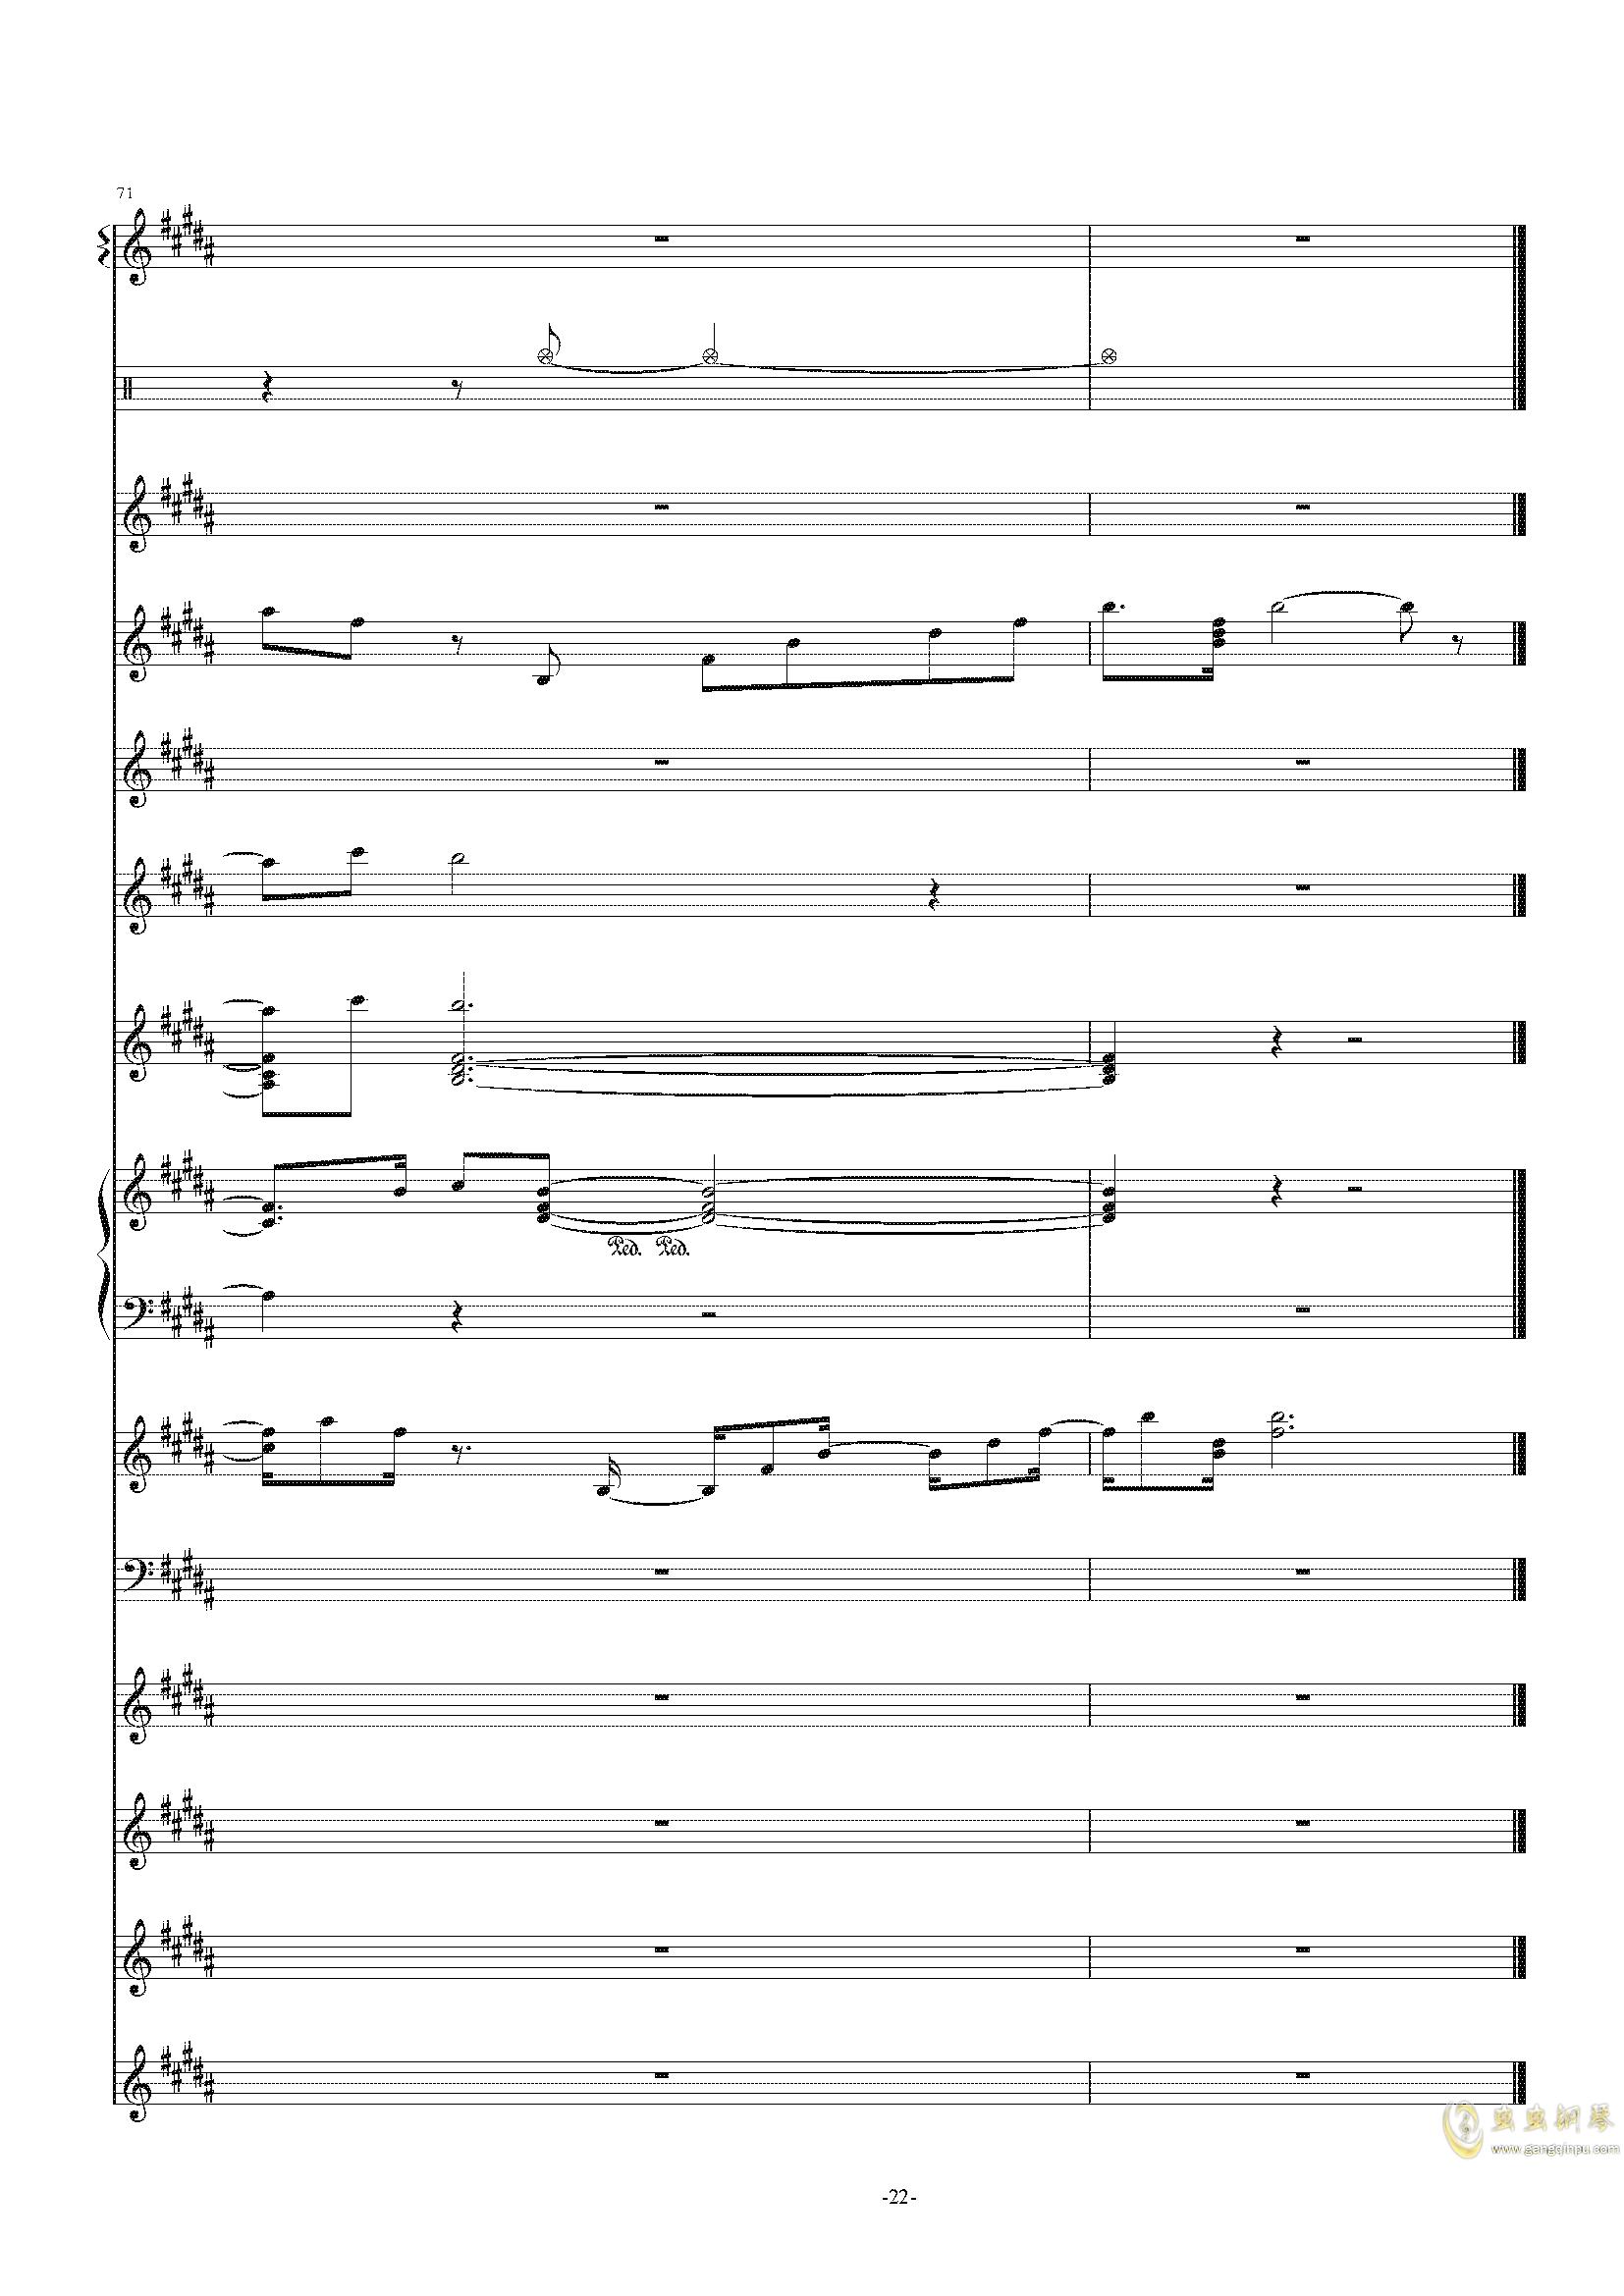 寂寞钢琴谱 第22页